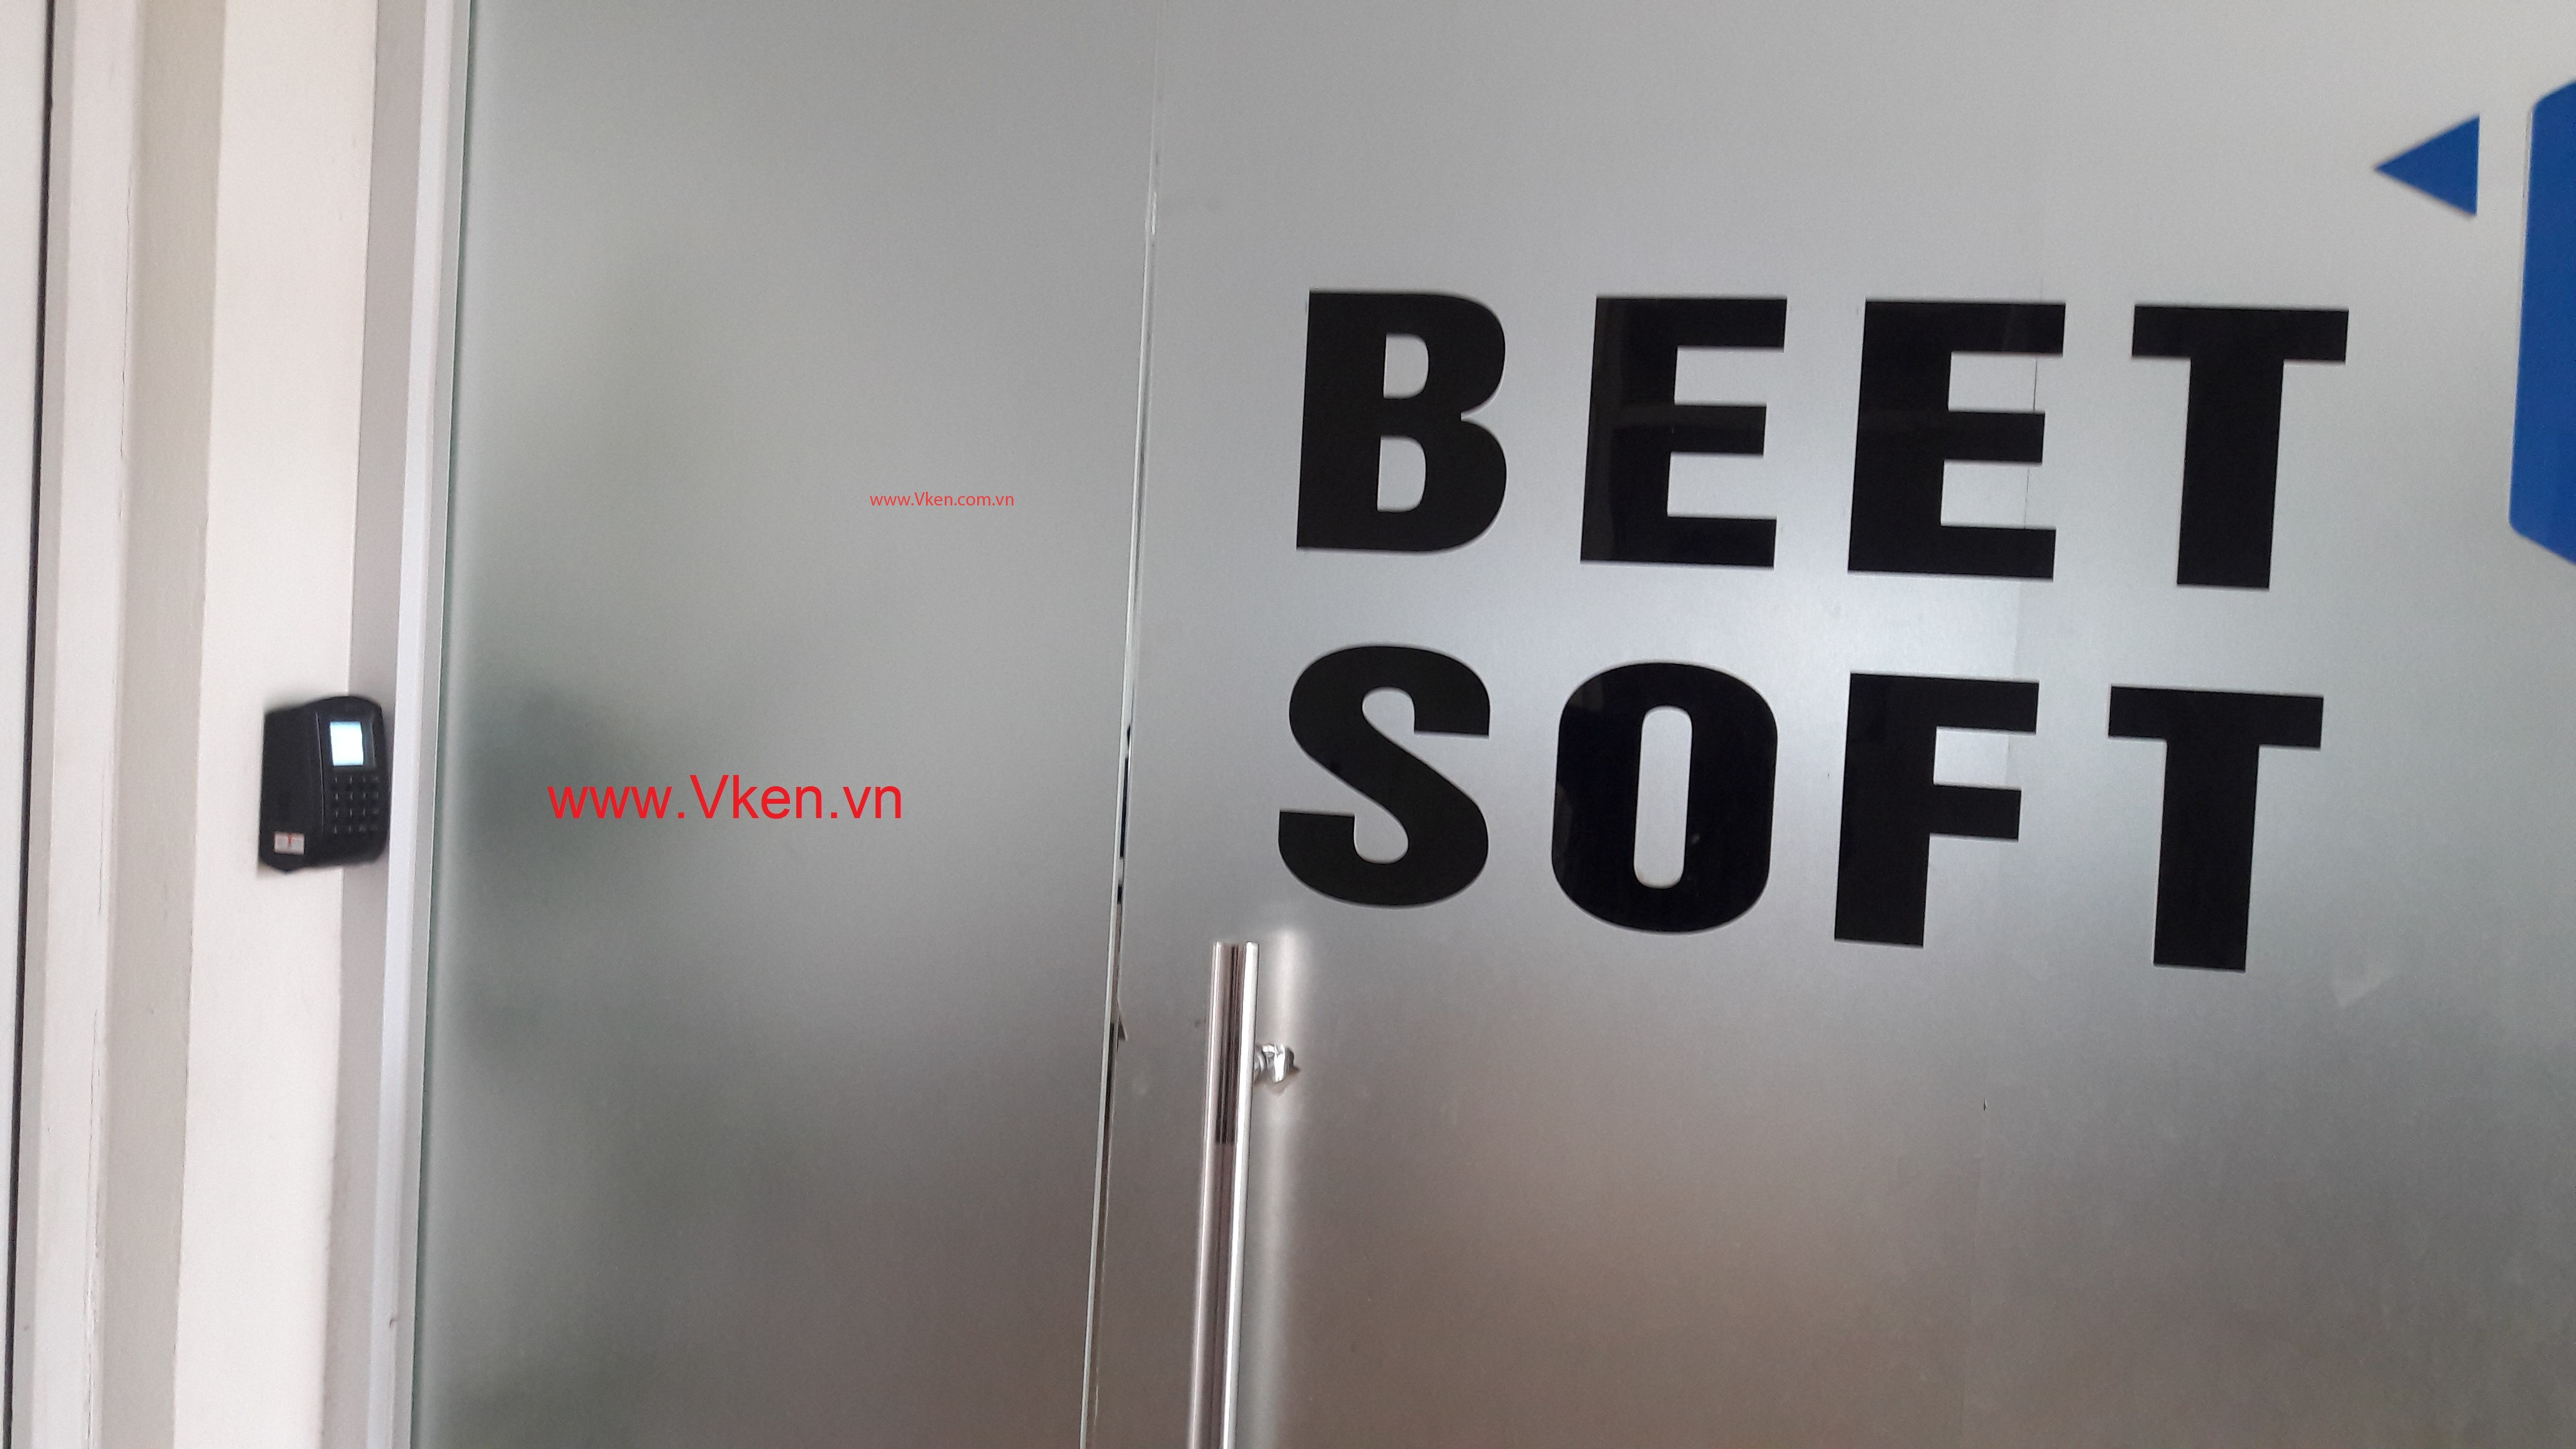 Hệ thống kiểm soát ra vào cửa văn phòng